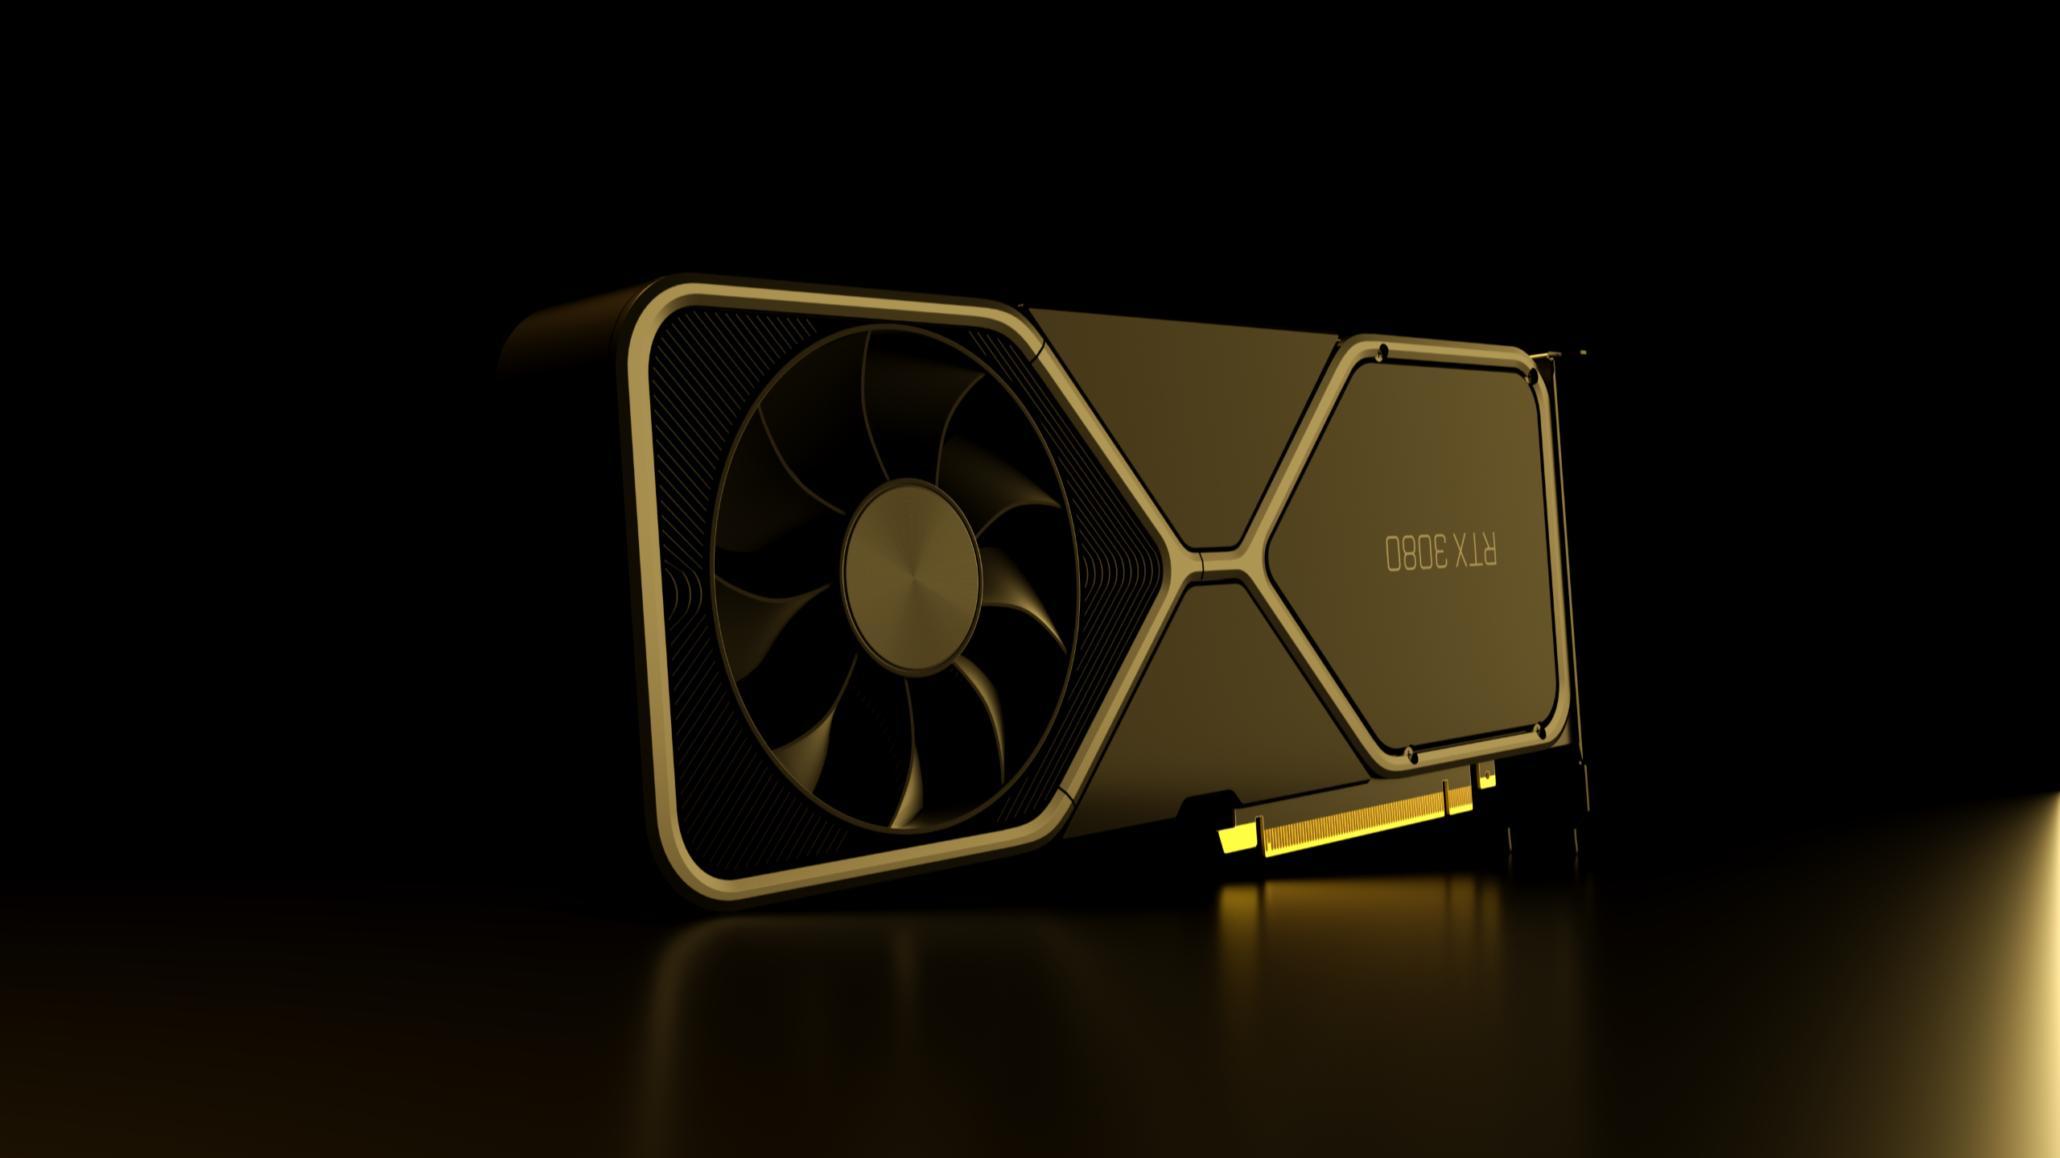 Слух: объявлены финальные характеристики новых карт GeForce RTX